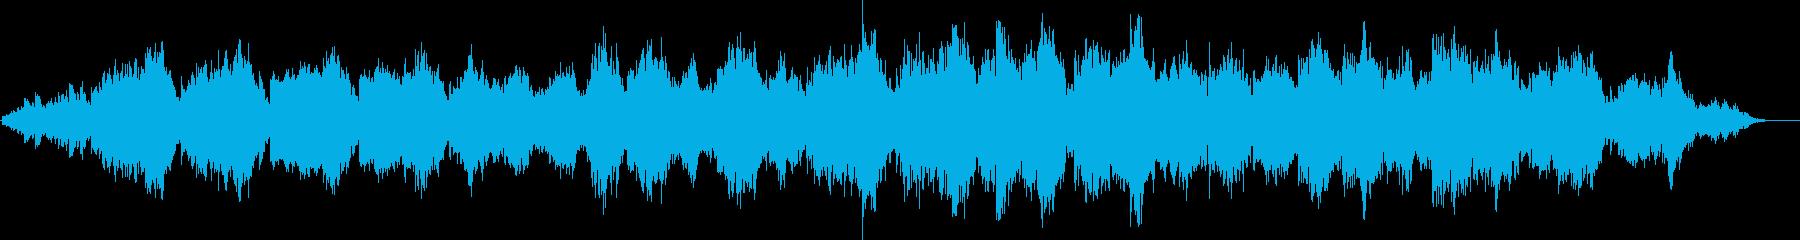 エレクトロ 交響曲 広い 壮大 ほ...の再生済みの波形